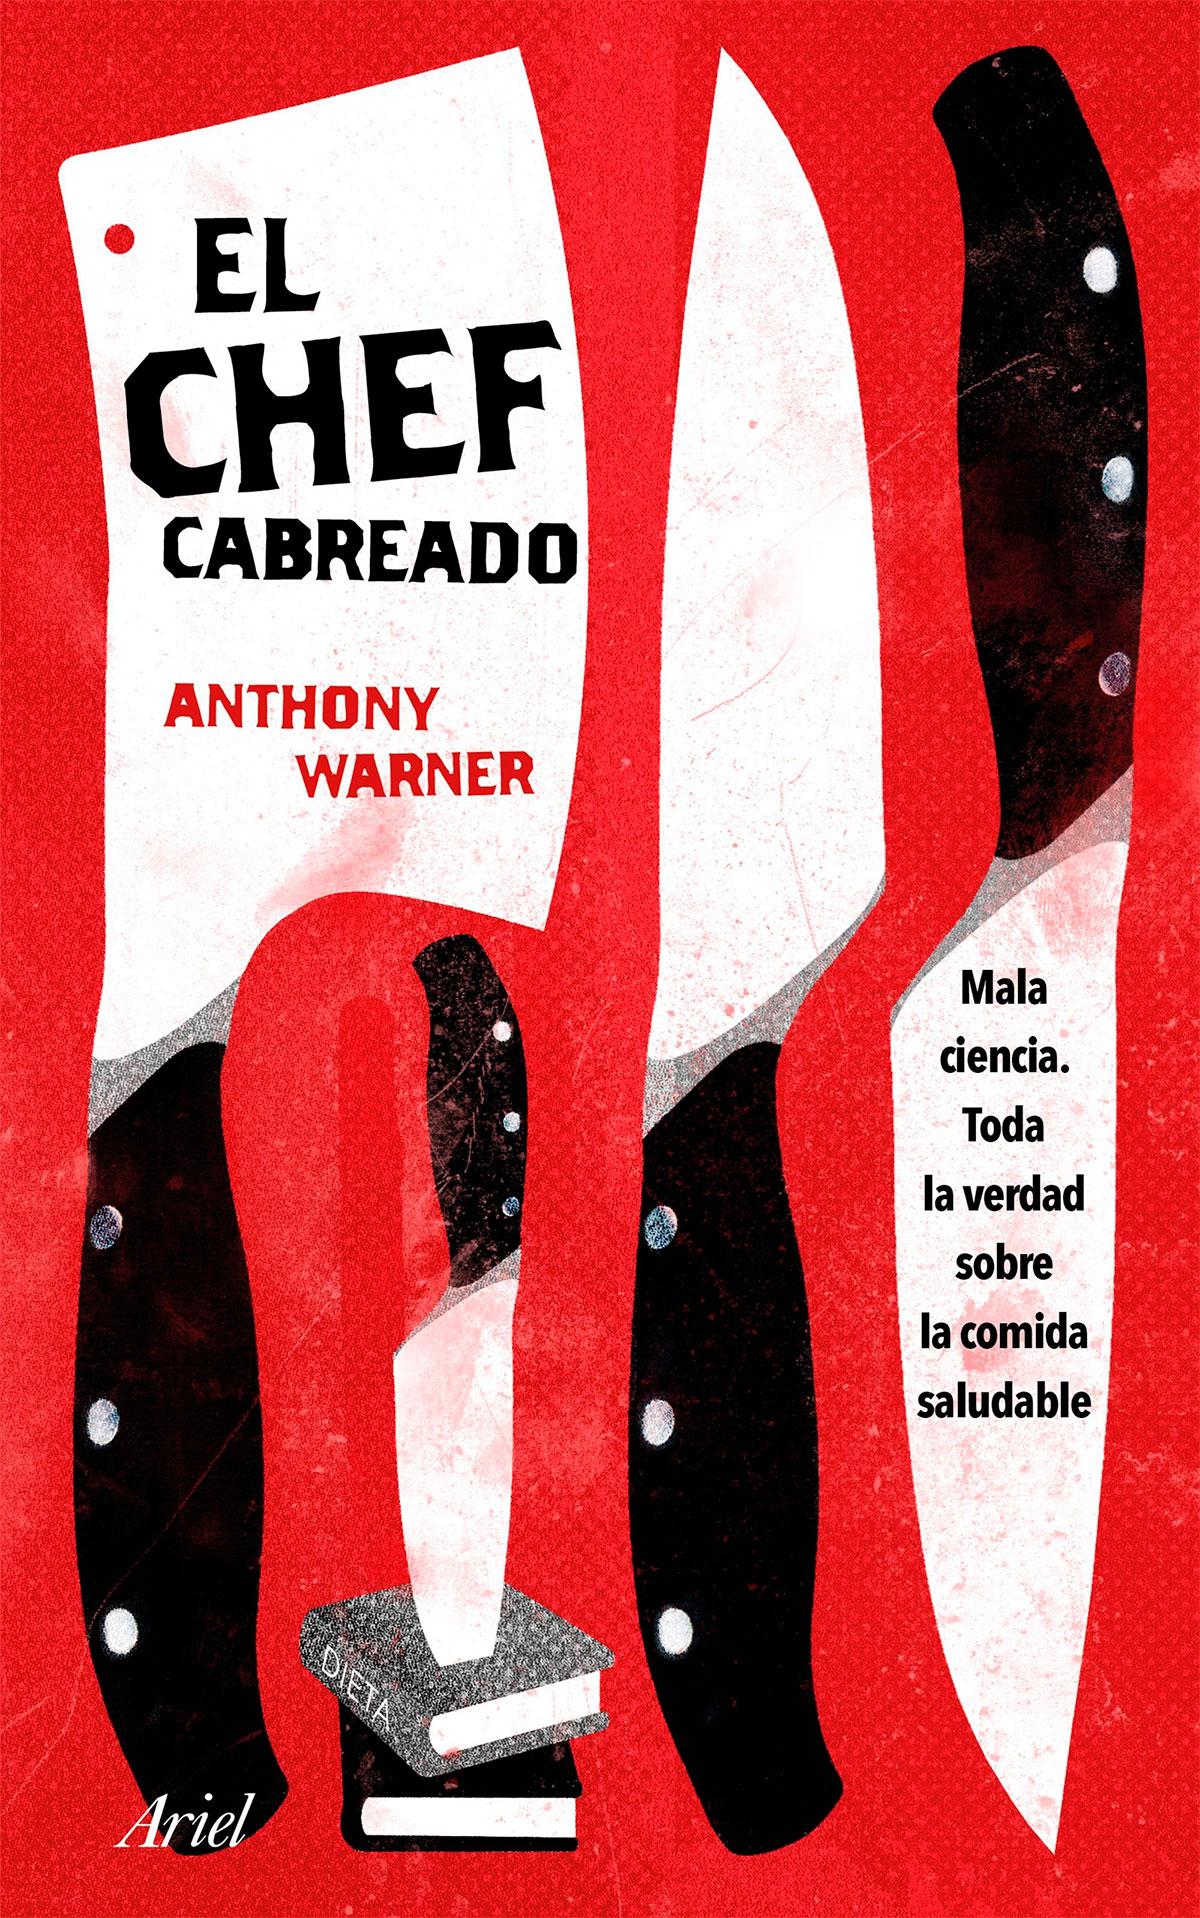 El Chef Cabreado - Anthony Warner